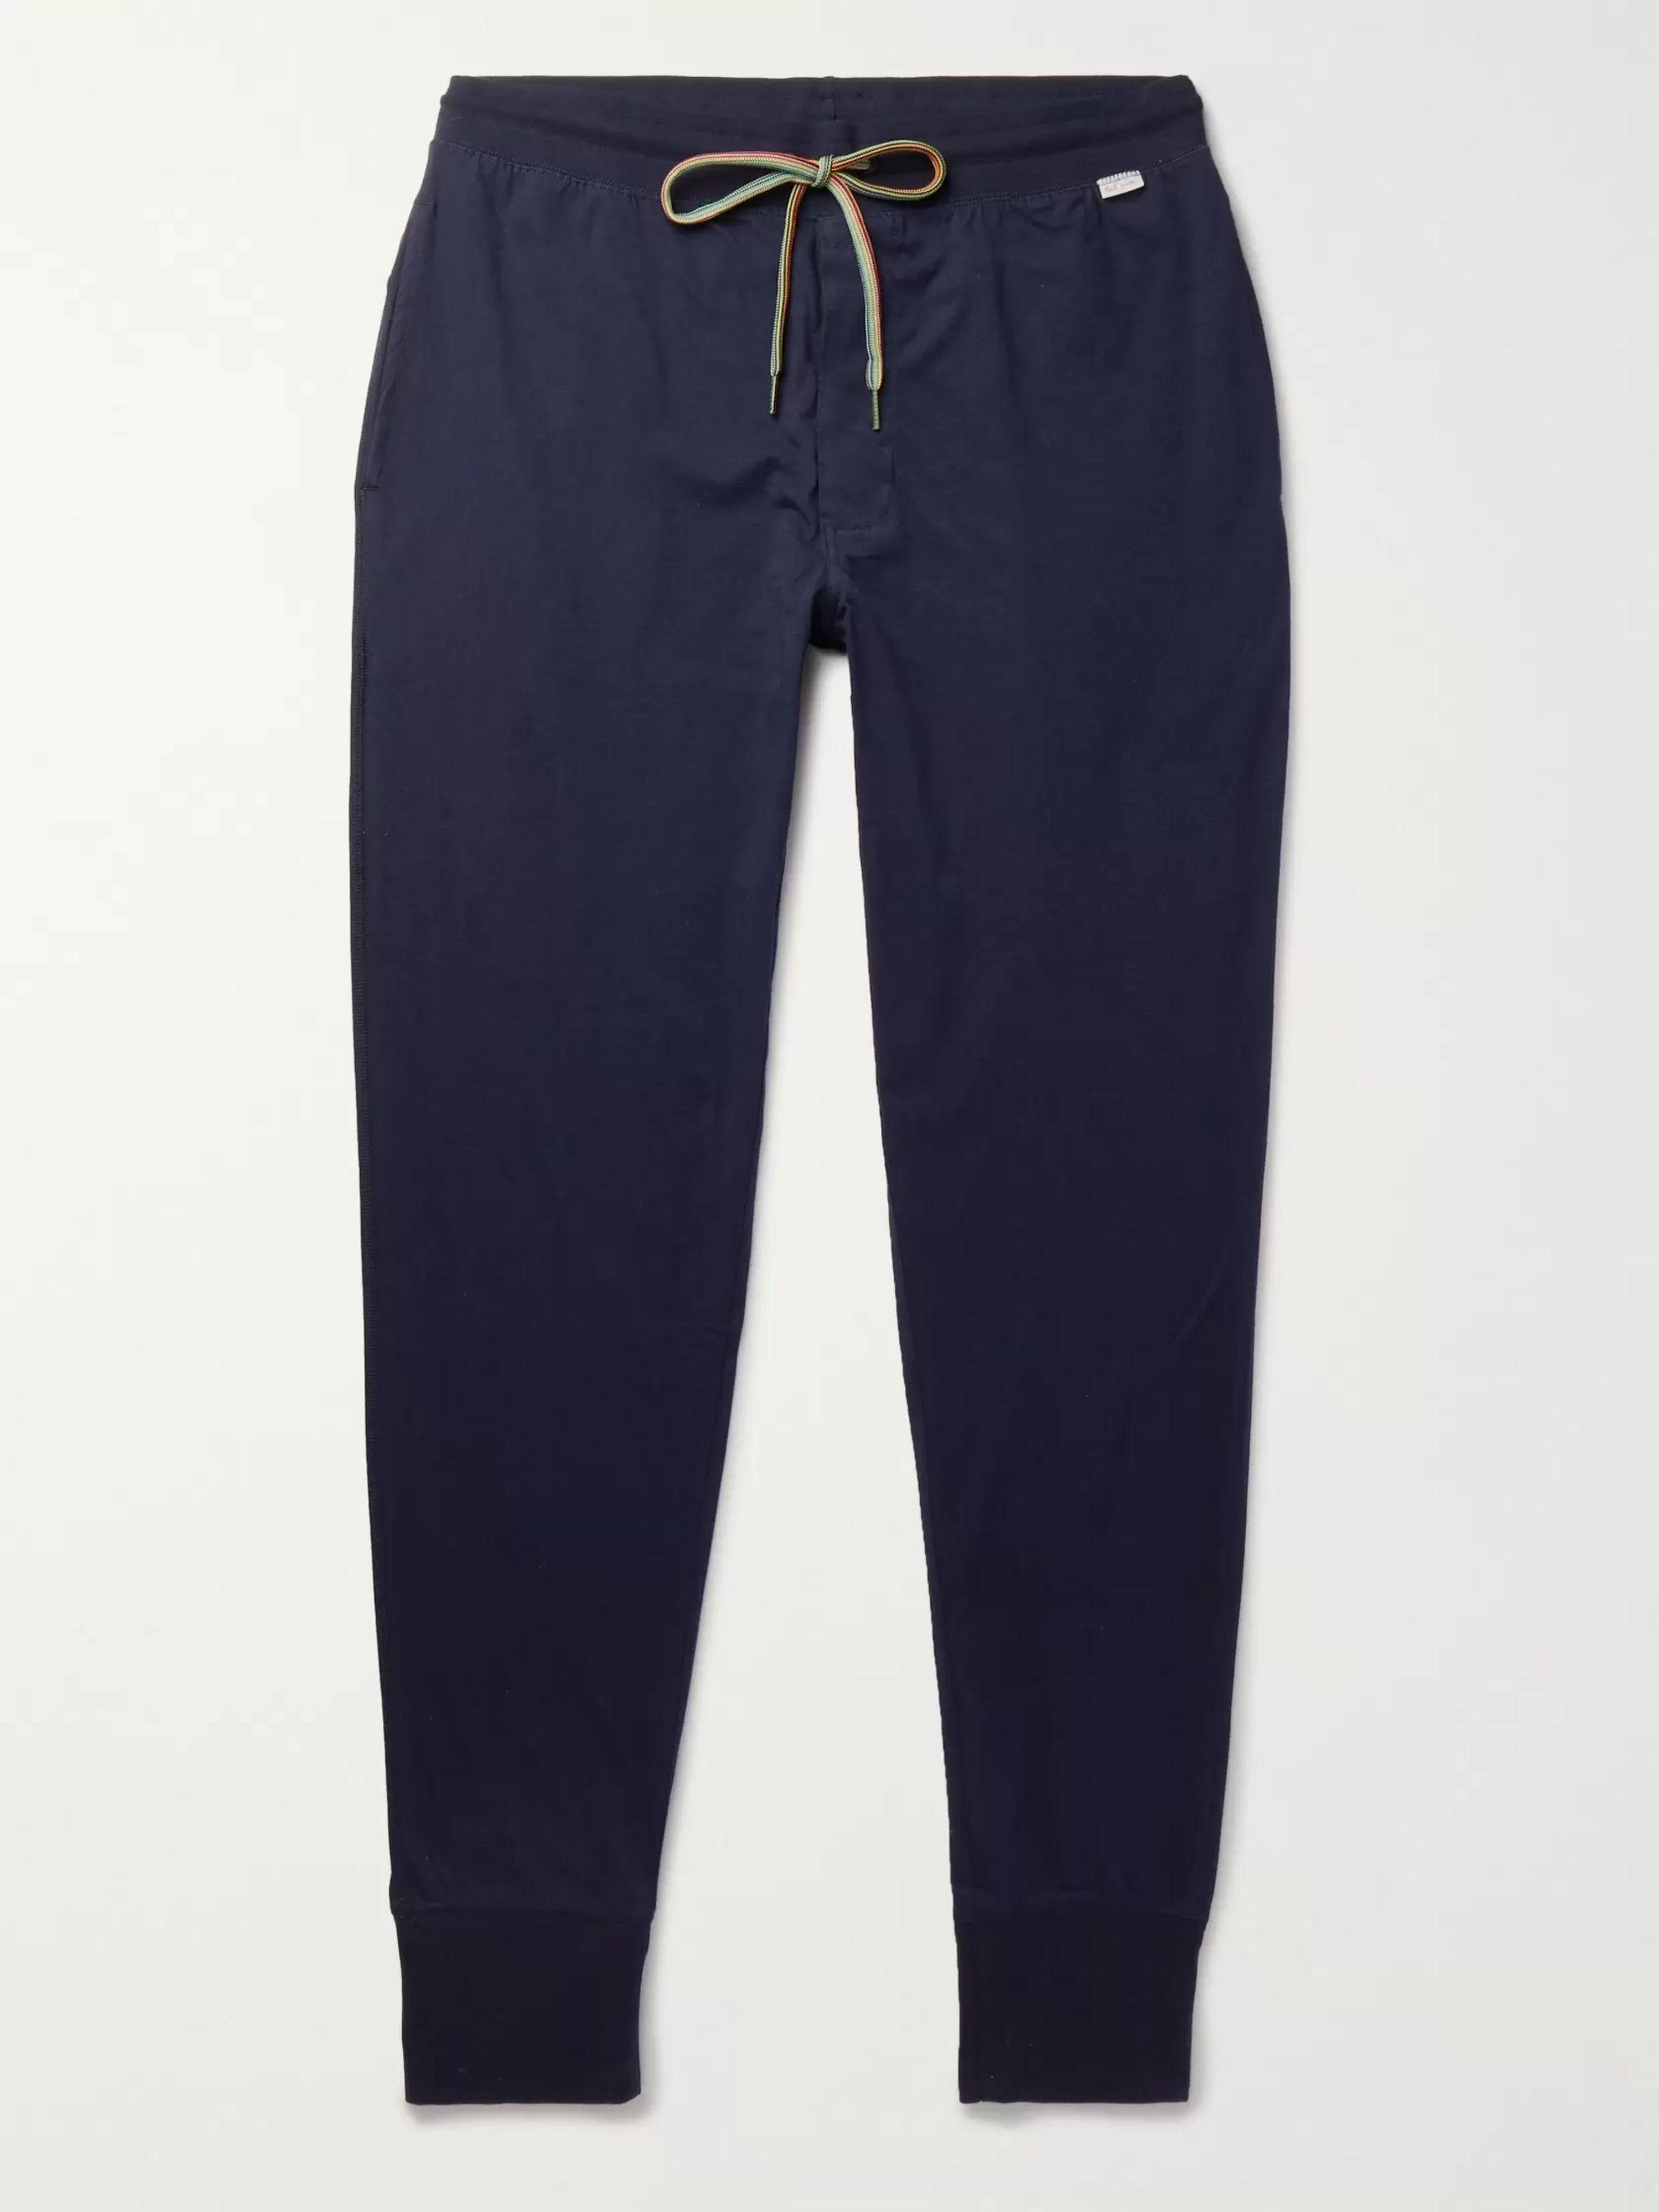 폴 스미스 Paul Smith Shoes & Accessories Navy Slim-Fit Tapered Cotton-Jersey Drawstring Sweatpants,Navy